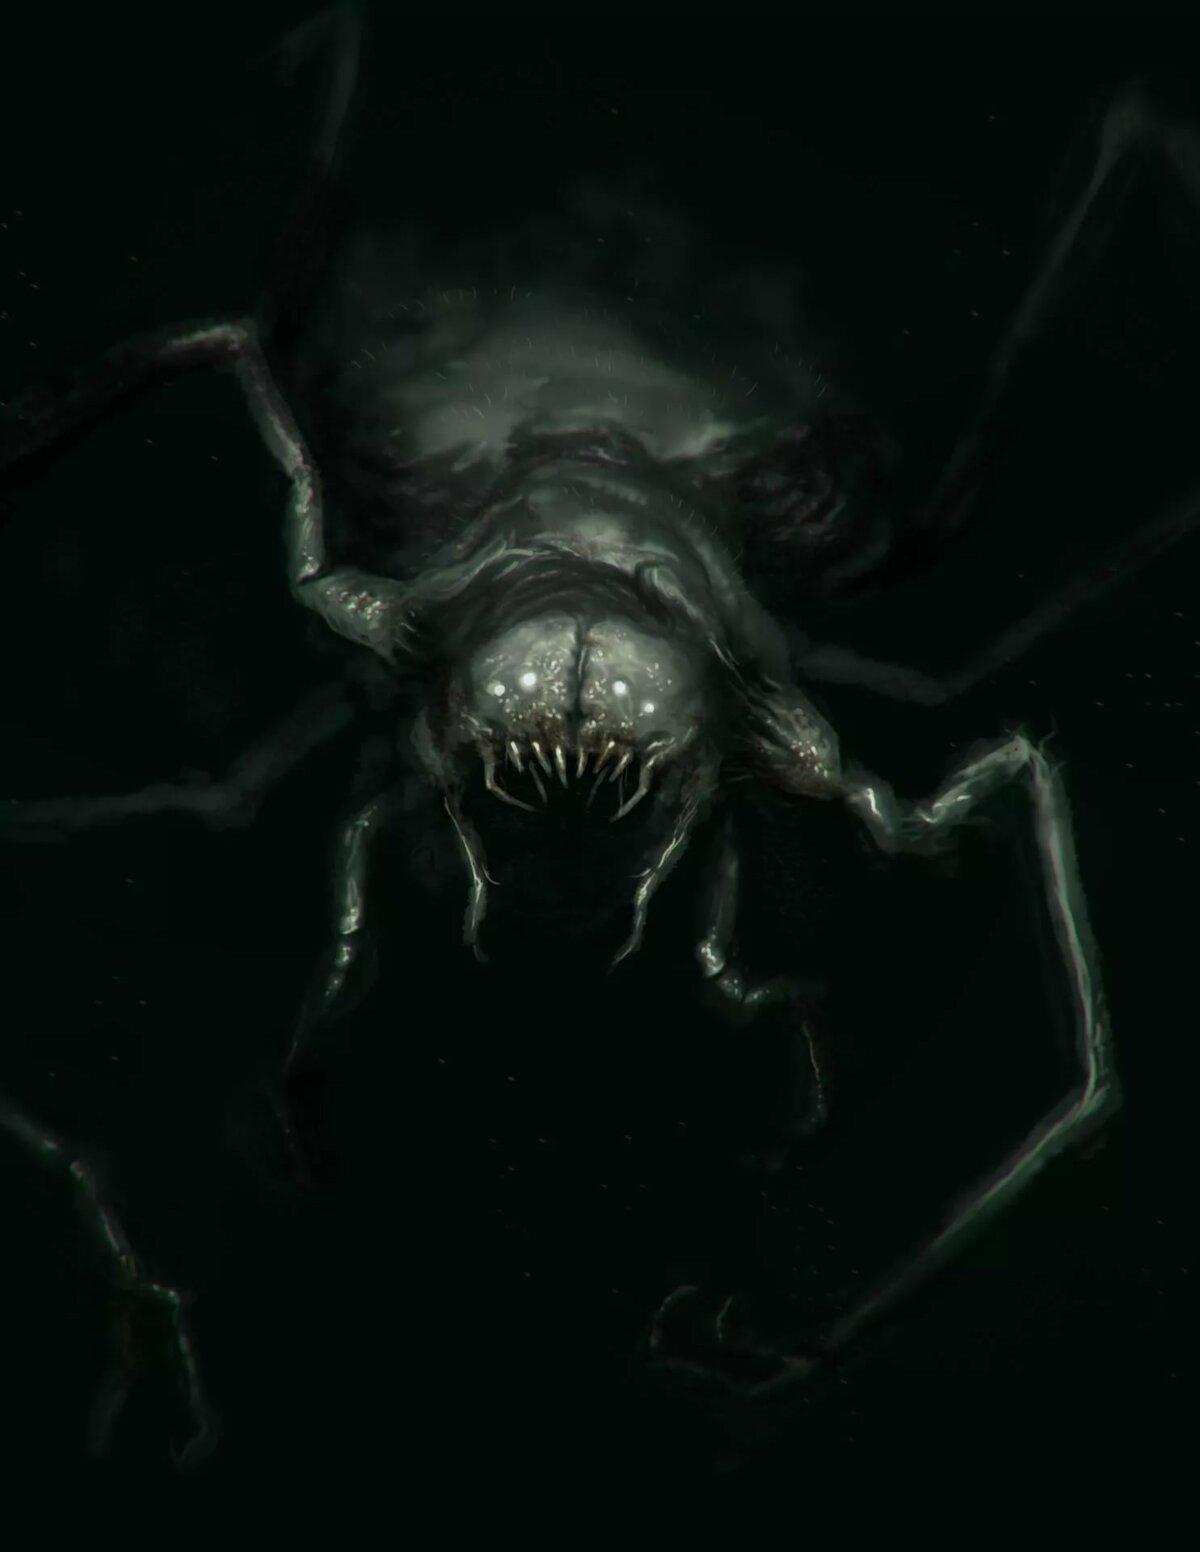 Монстры в темноте картинки